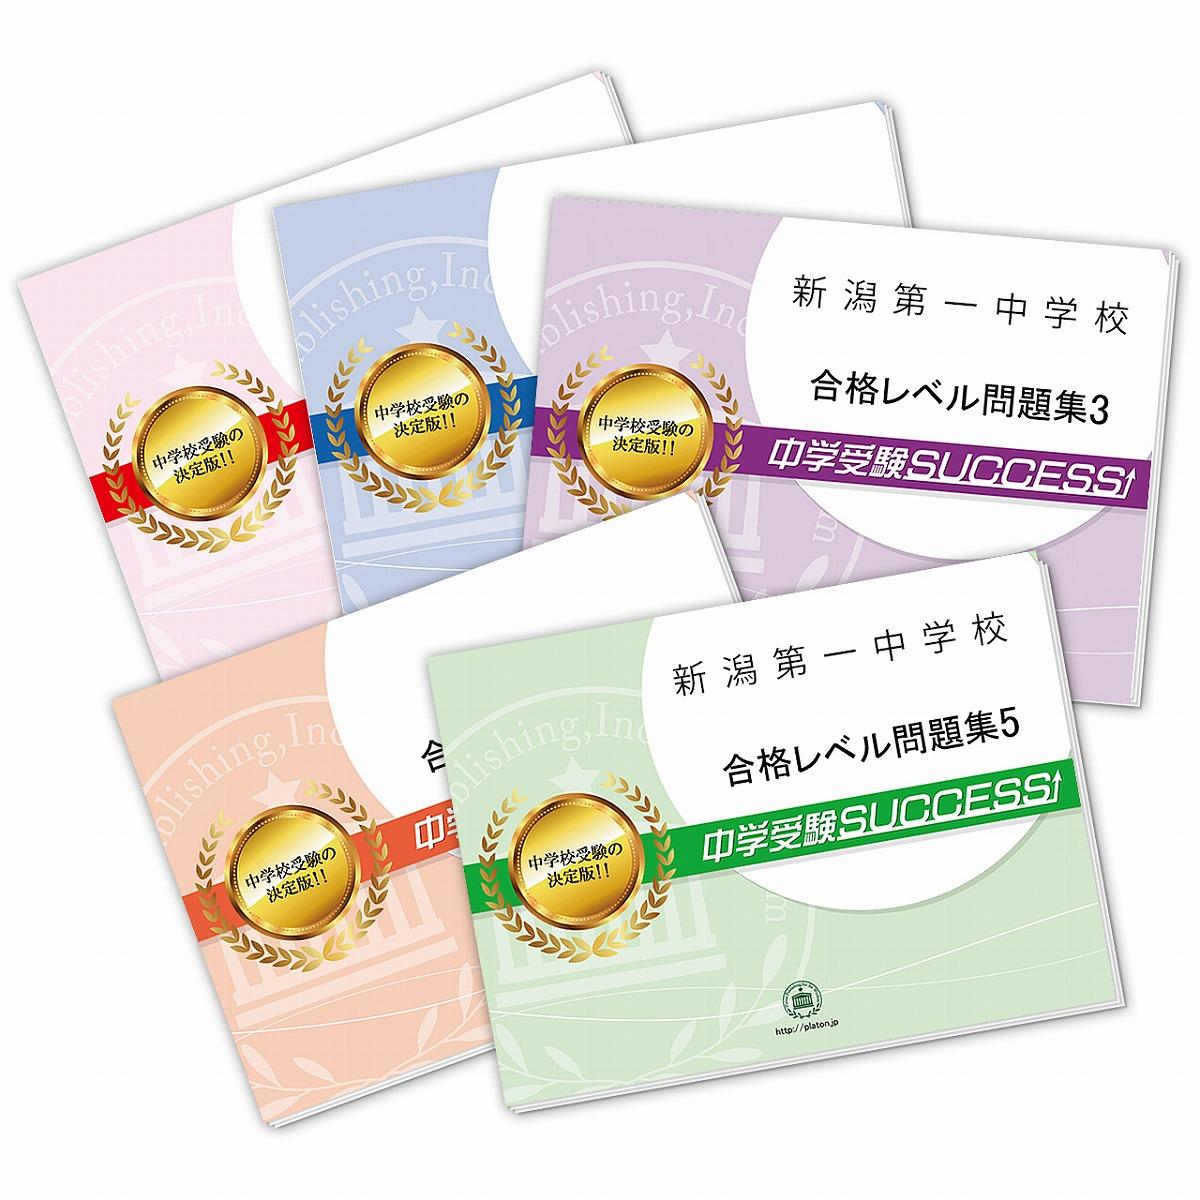 【送料・代引手数料無料】新潟第一中学校・直前対策合格セット(5冊)